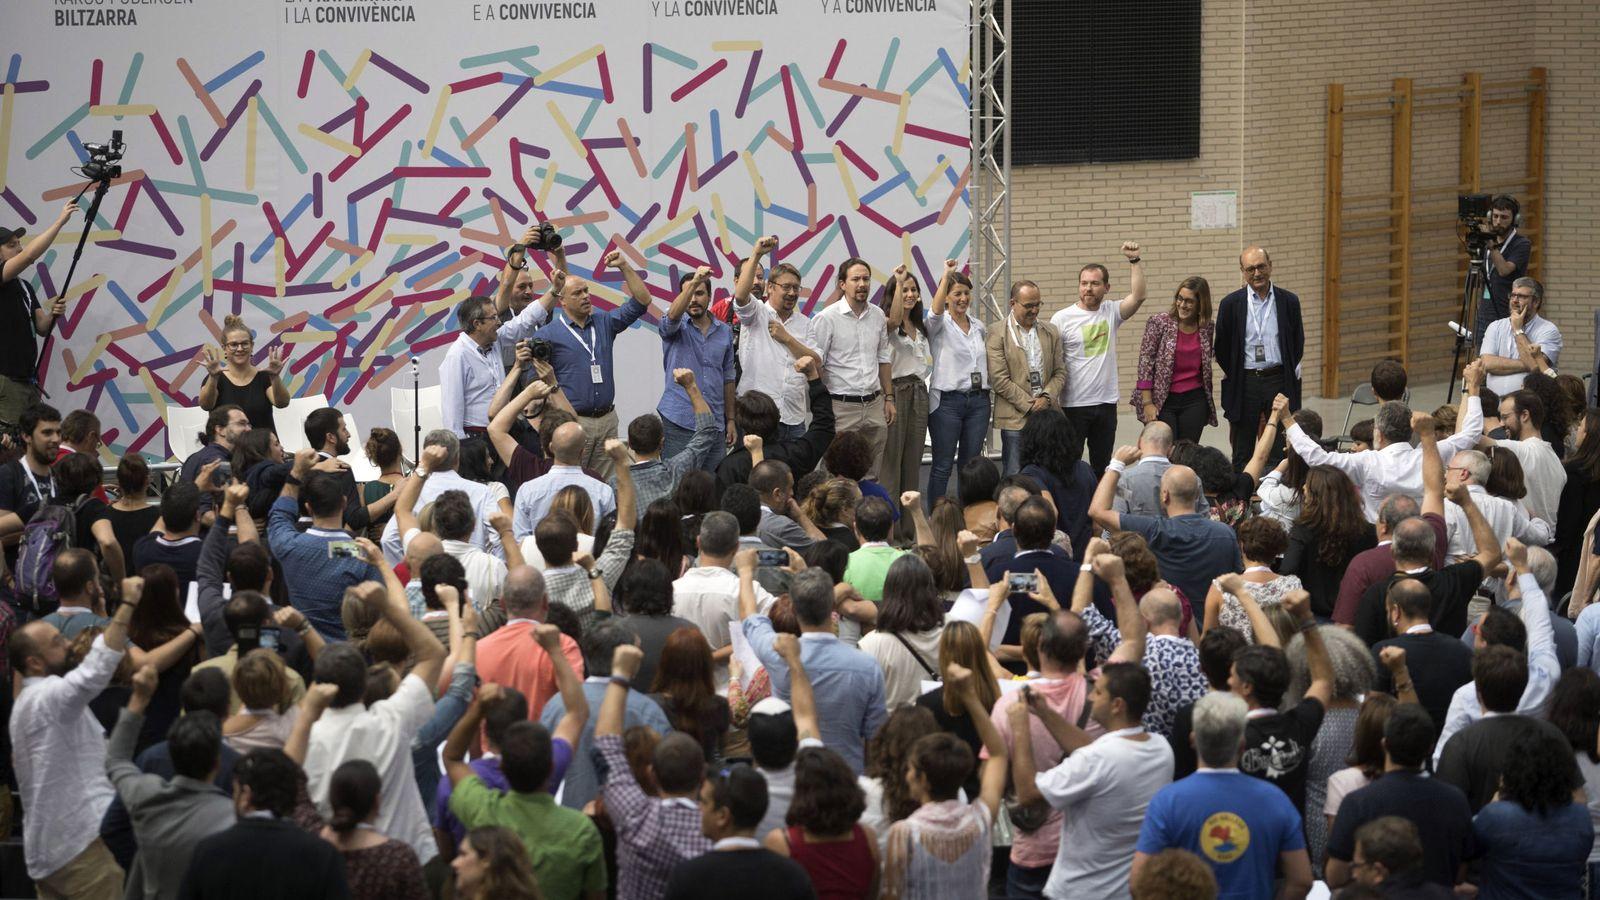 Foto: El líder rde Unidos Podemos Pablo Iglesias(c), durante la celebración Zaragoza de la asamblea extraordinaria de los cargos públicos y parlamentarios de la confederación, para defender un referéndum pactado en Cataluña. (EFE)